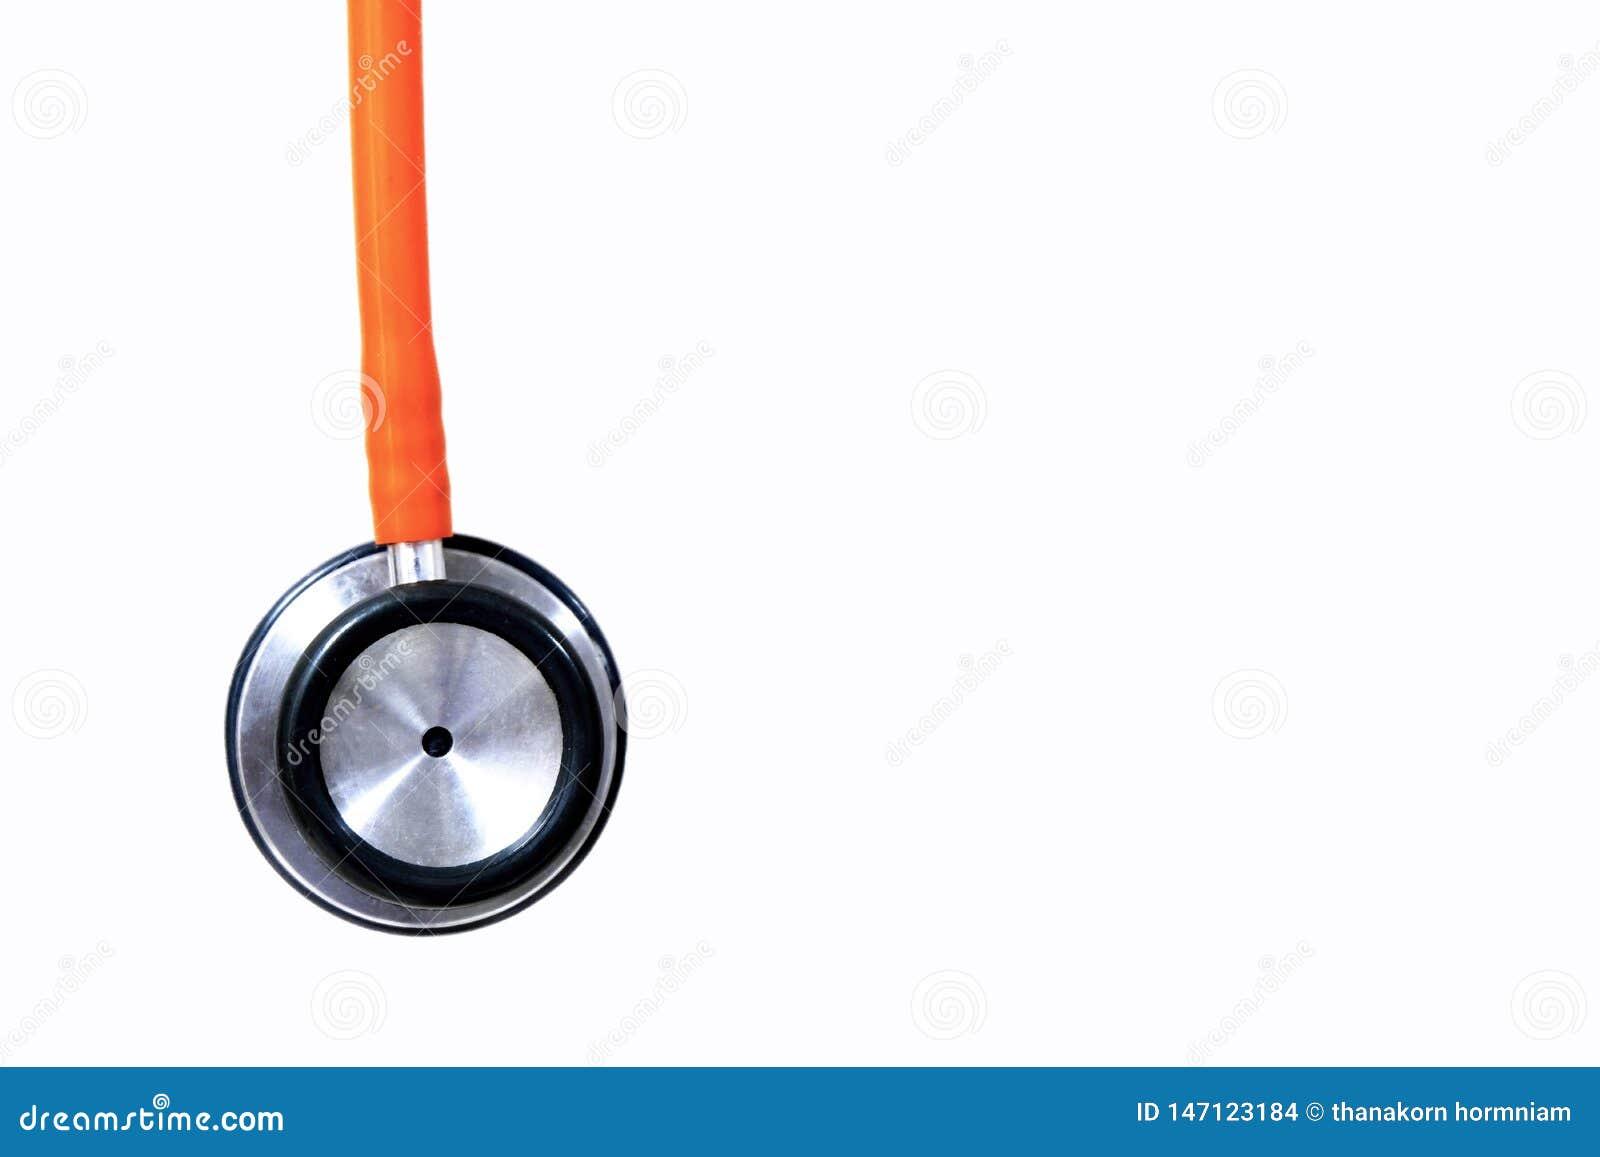 Orange stethoscope